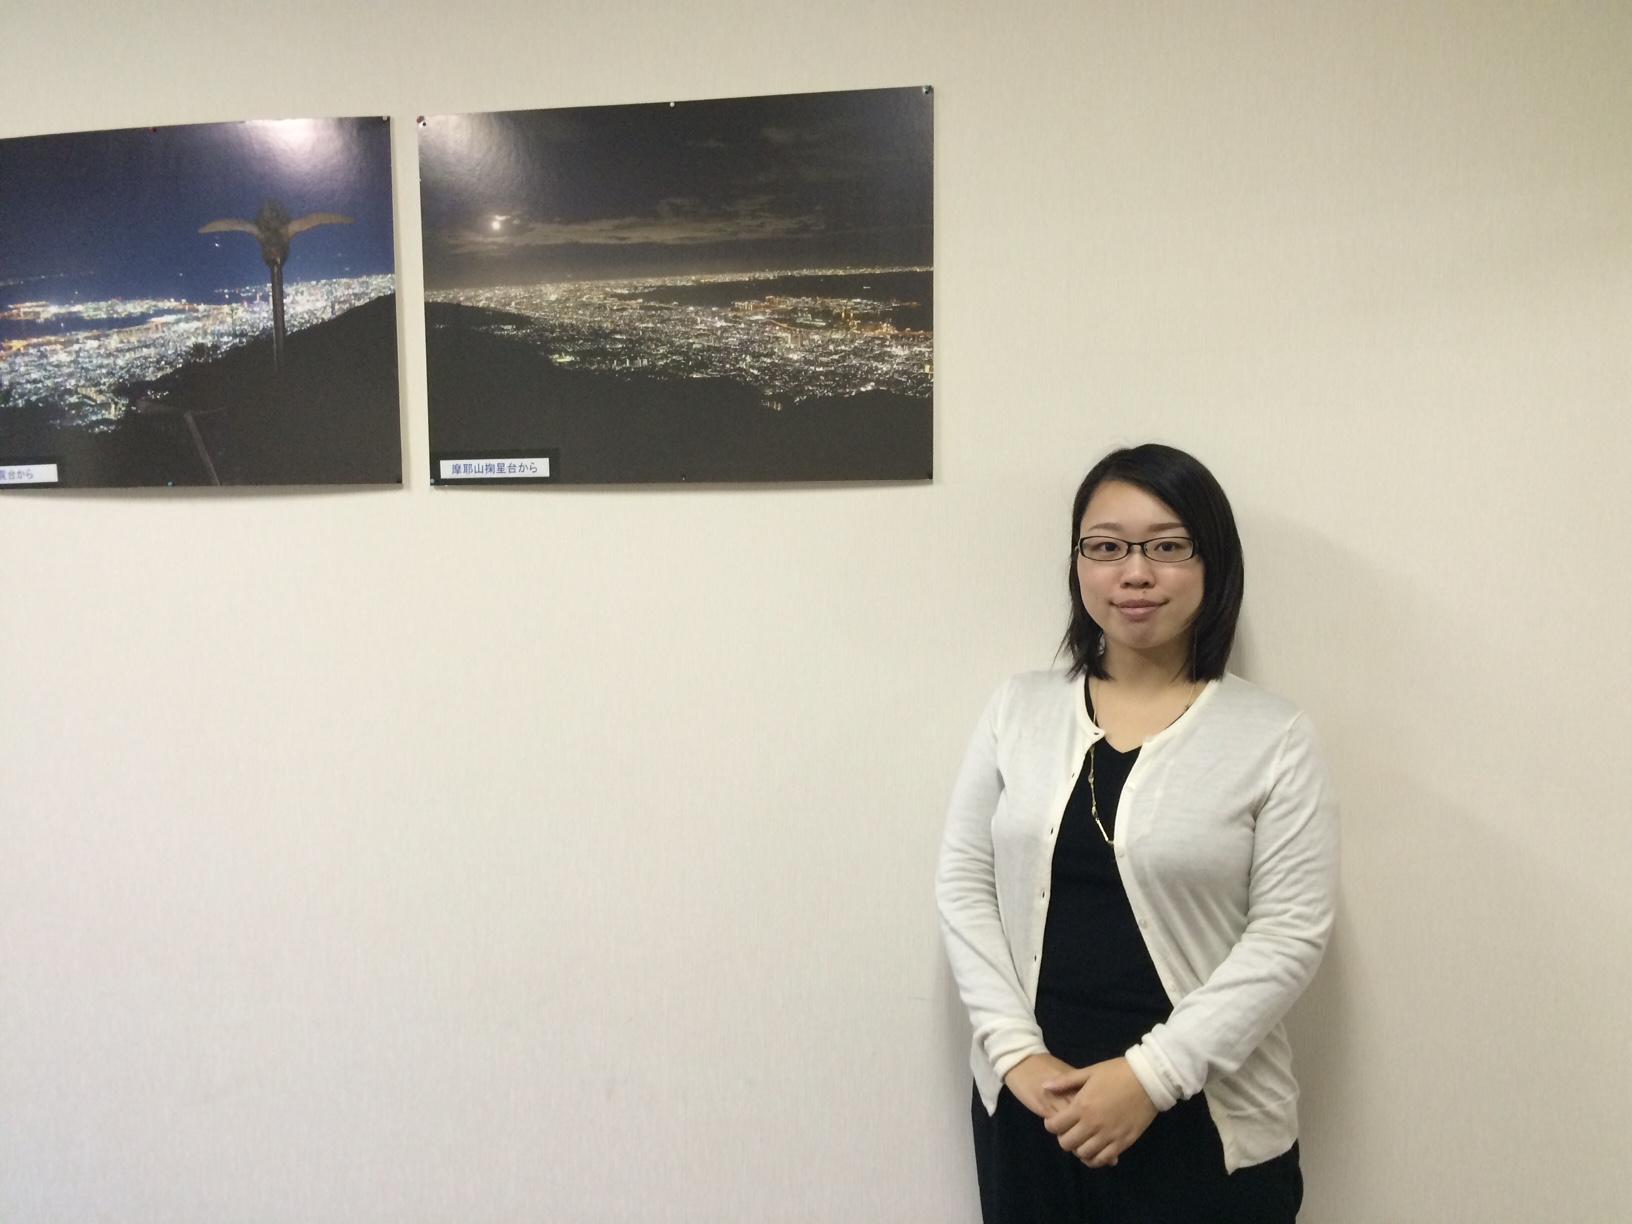 今回の取材にご協力いただいた六甲山観光株式会社 堀美知さん